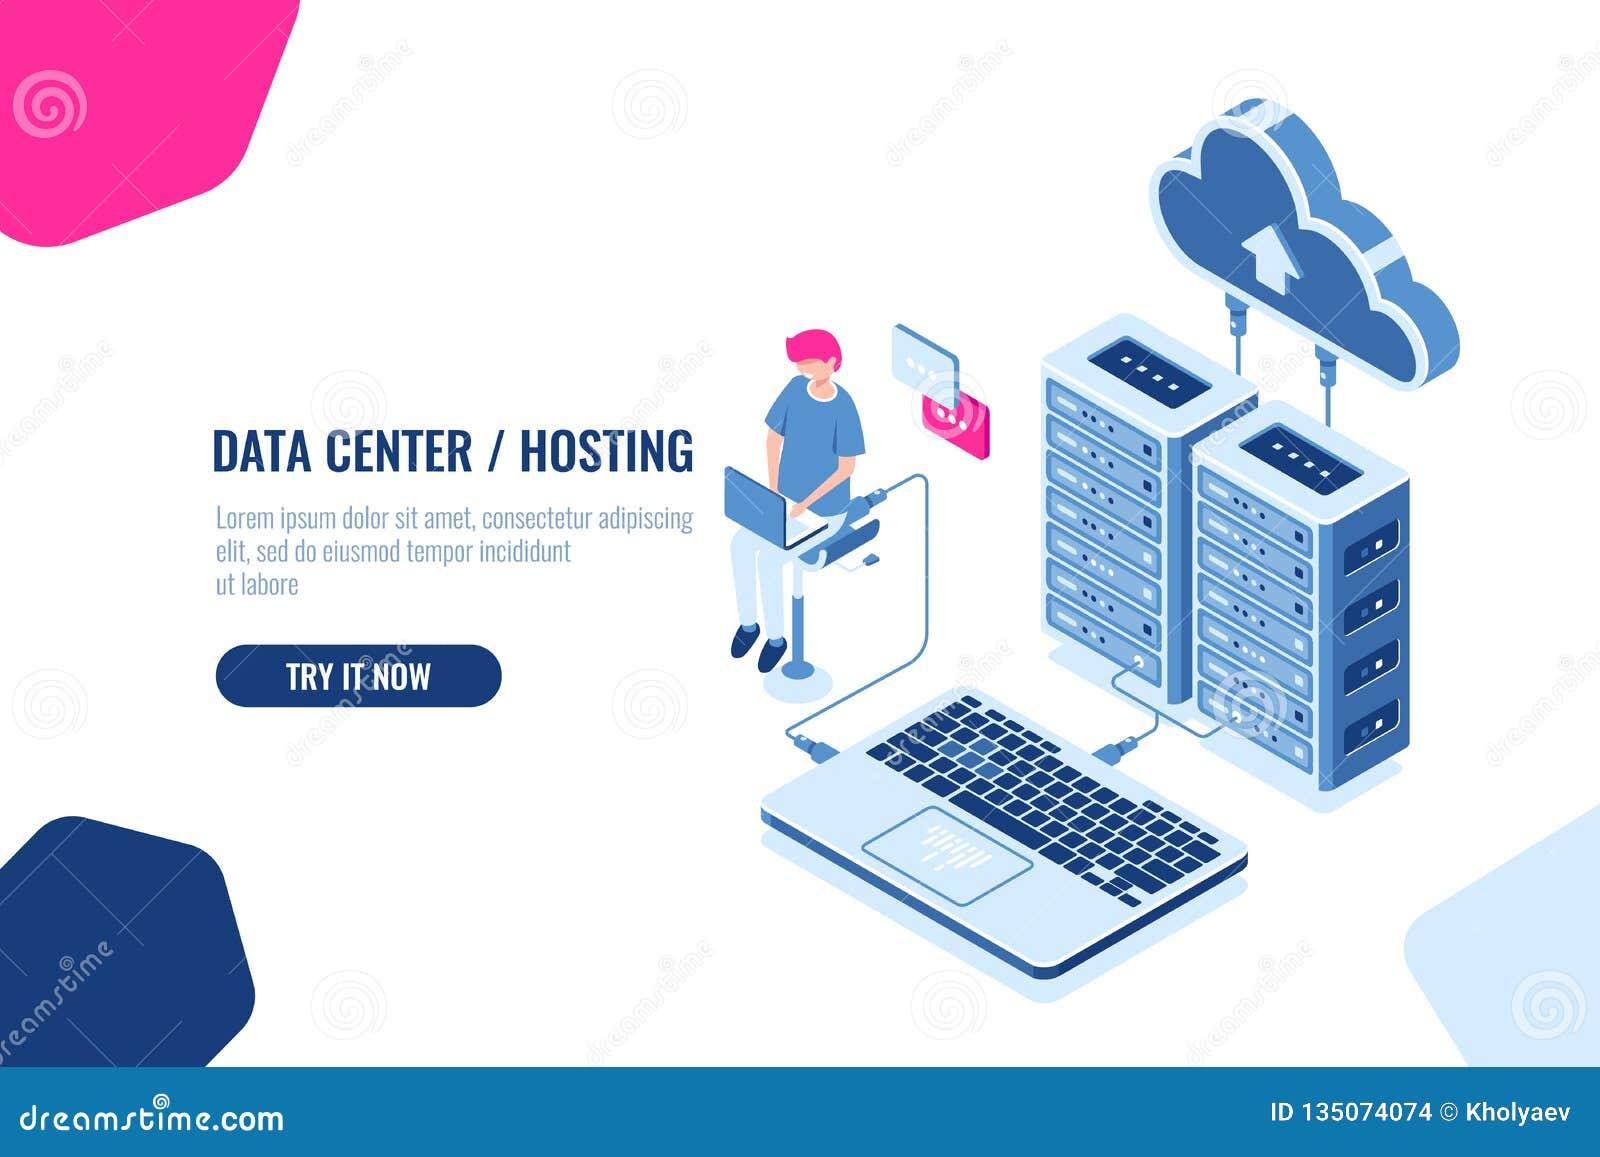 等量数据的演算和验核,工程师与云彩存贮一起使用,服务器室、datacenter和数据库象